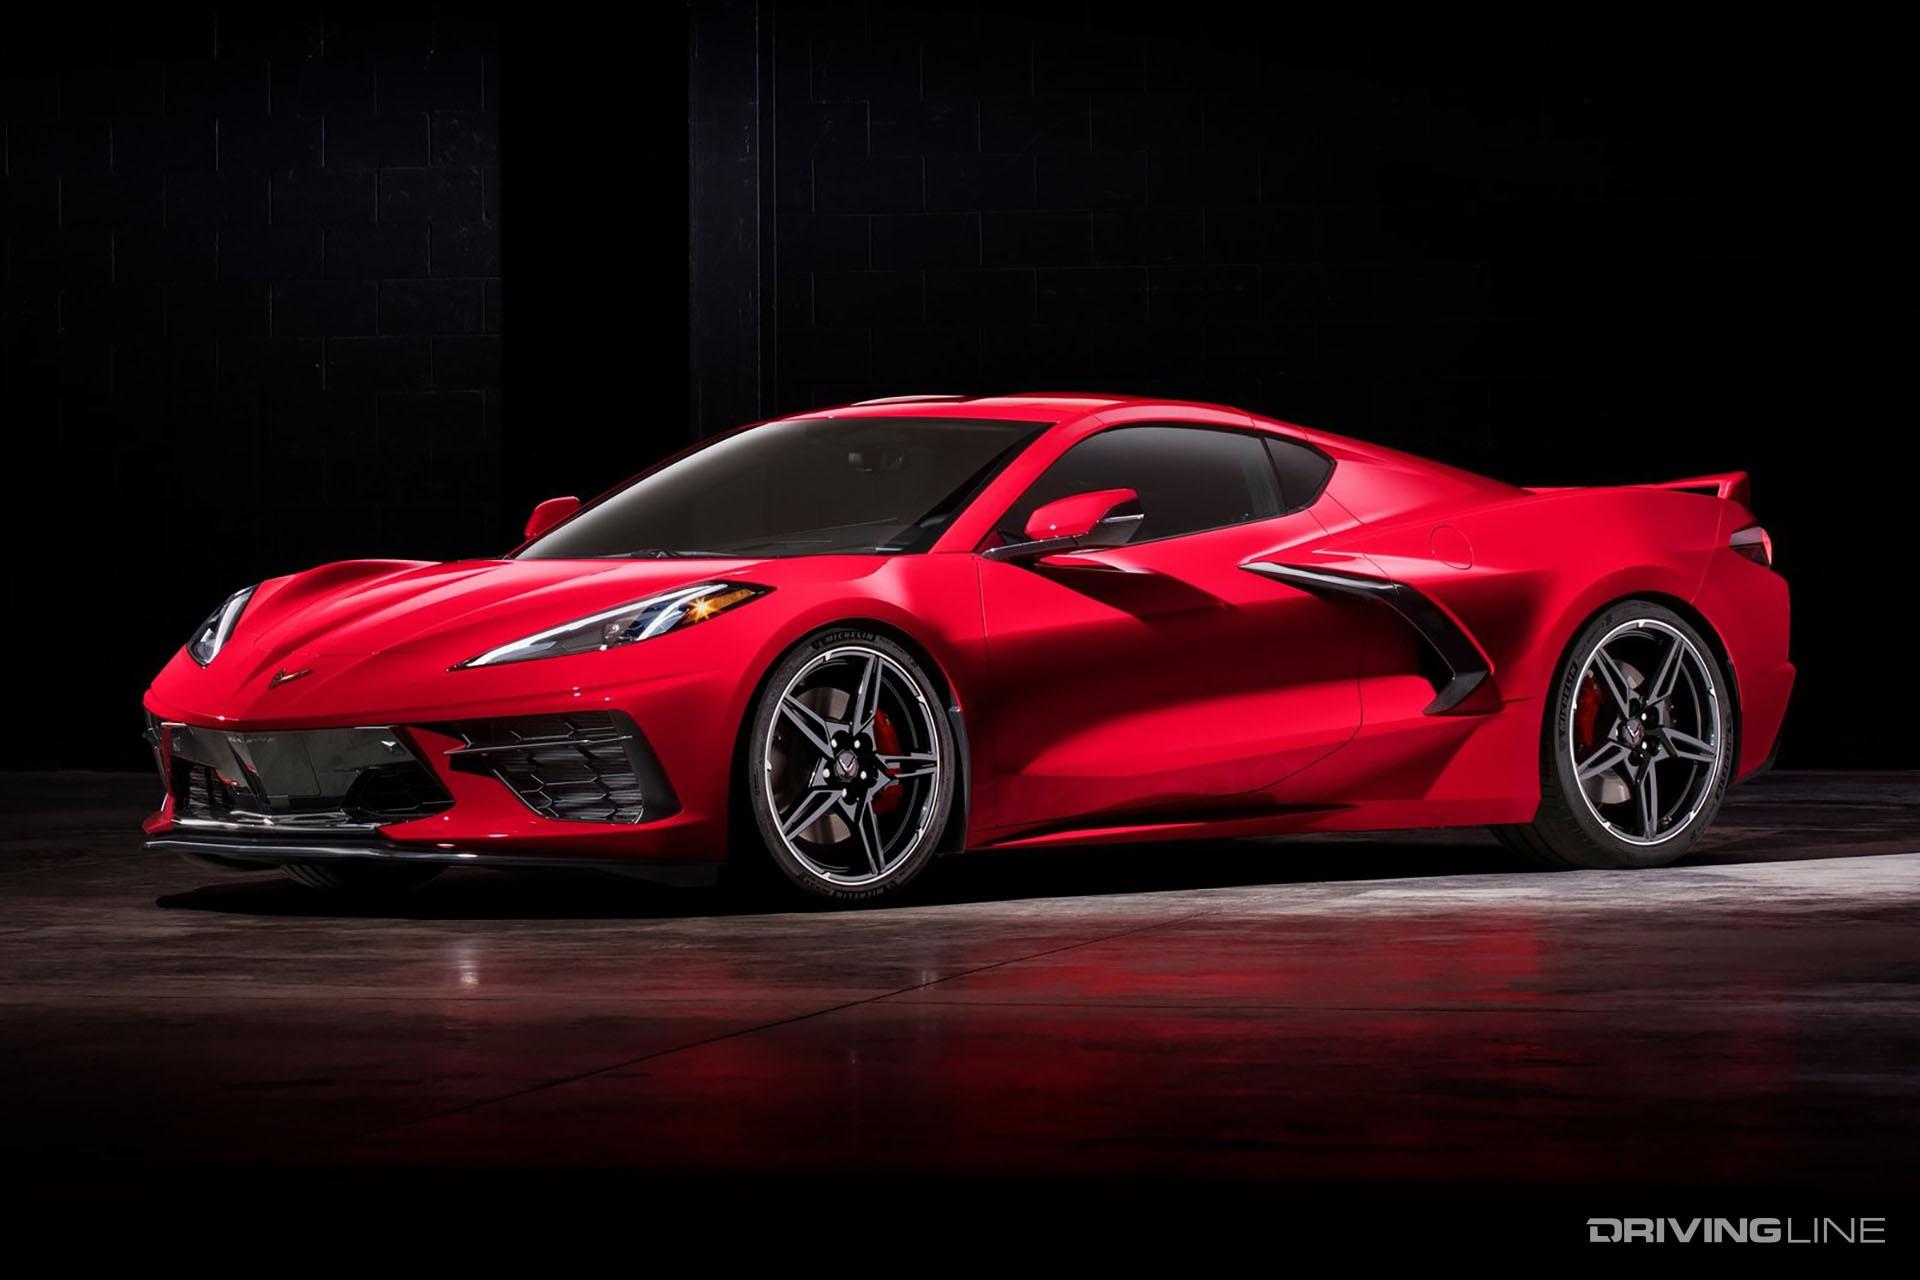 Mid Engine Showdown Acura Nsx Vs 2020 C8 Corvette